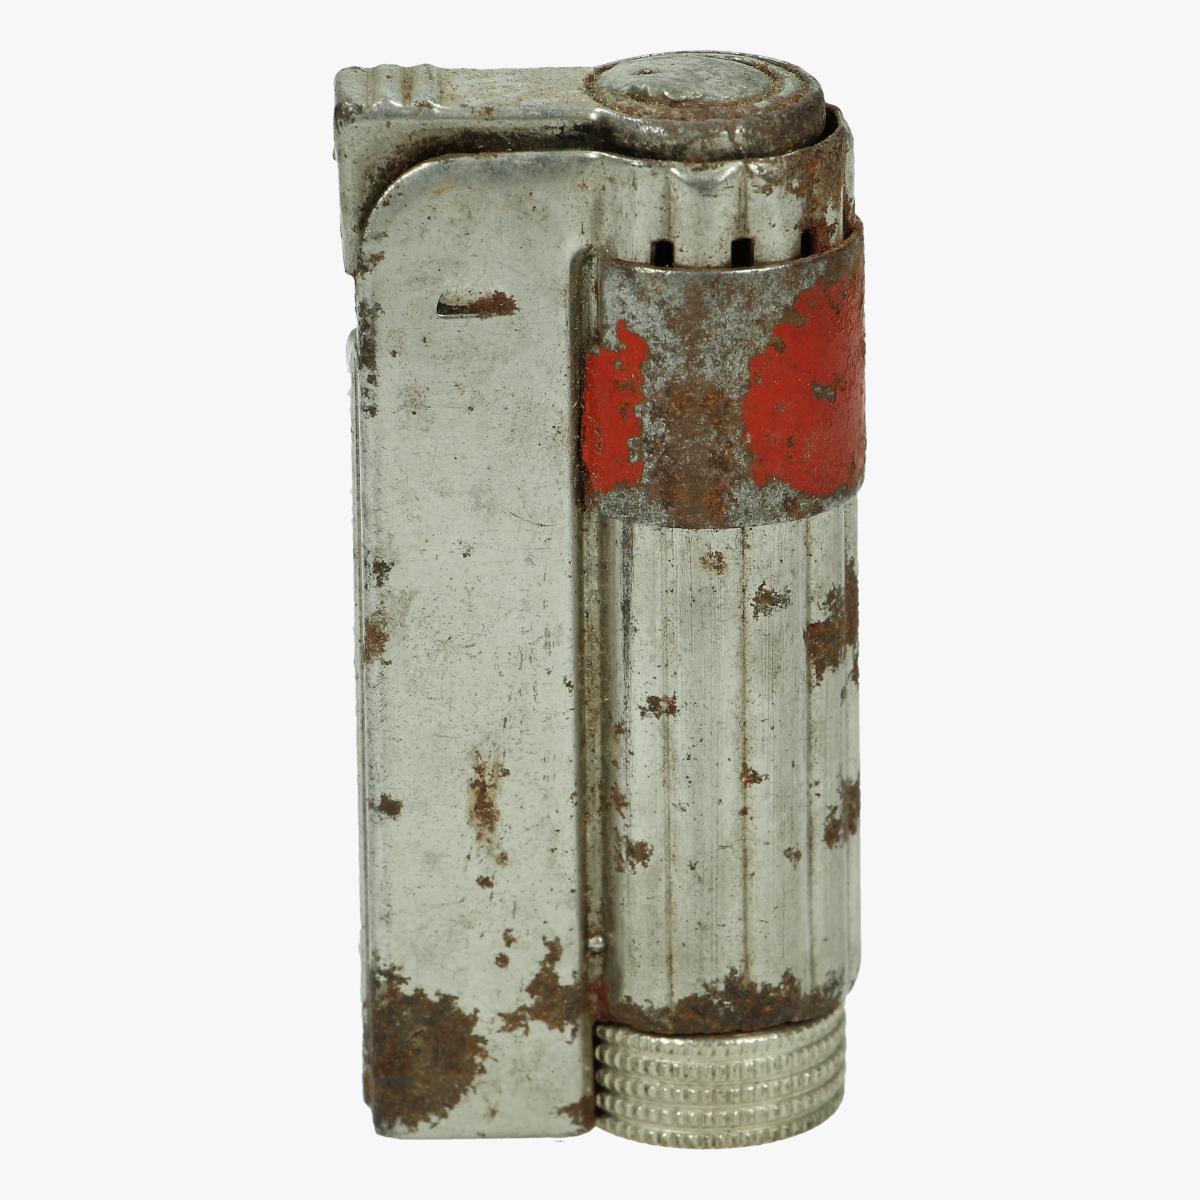 Afbeeldingen van oude aan steker imco triplex patent germany